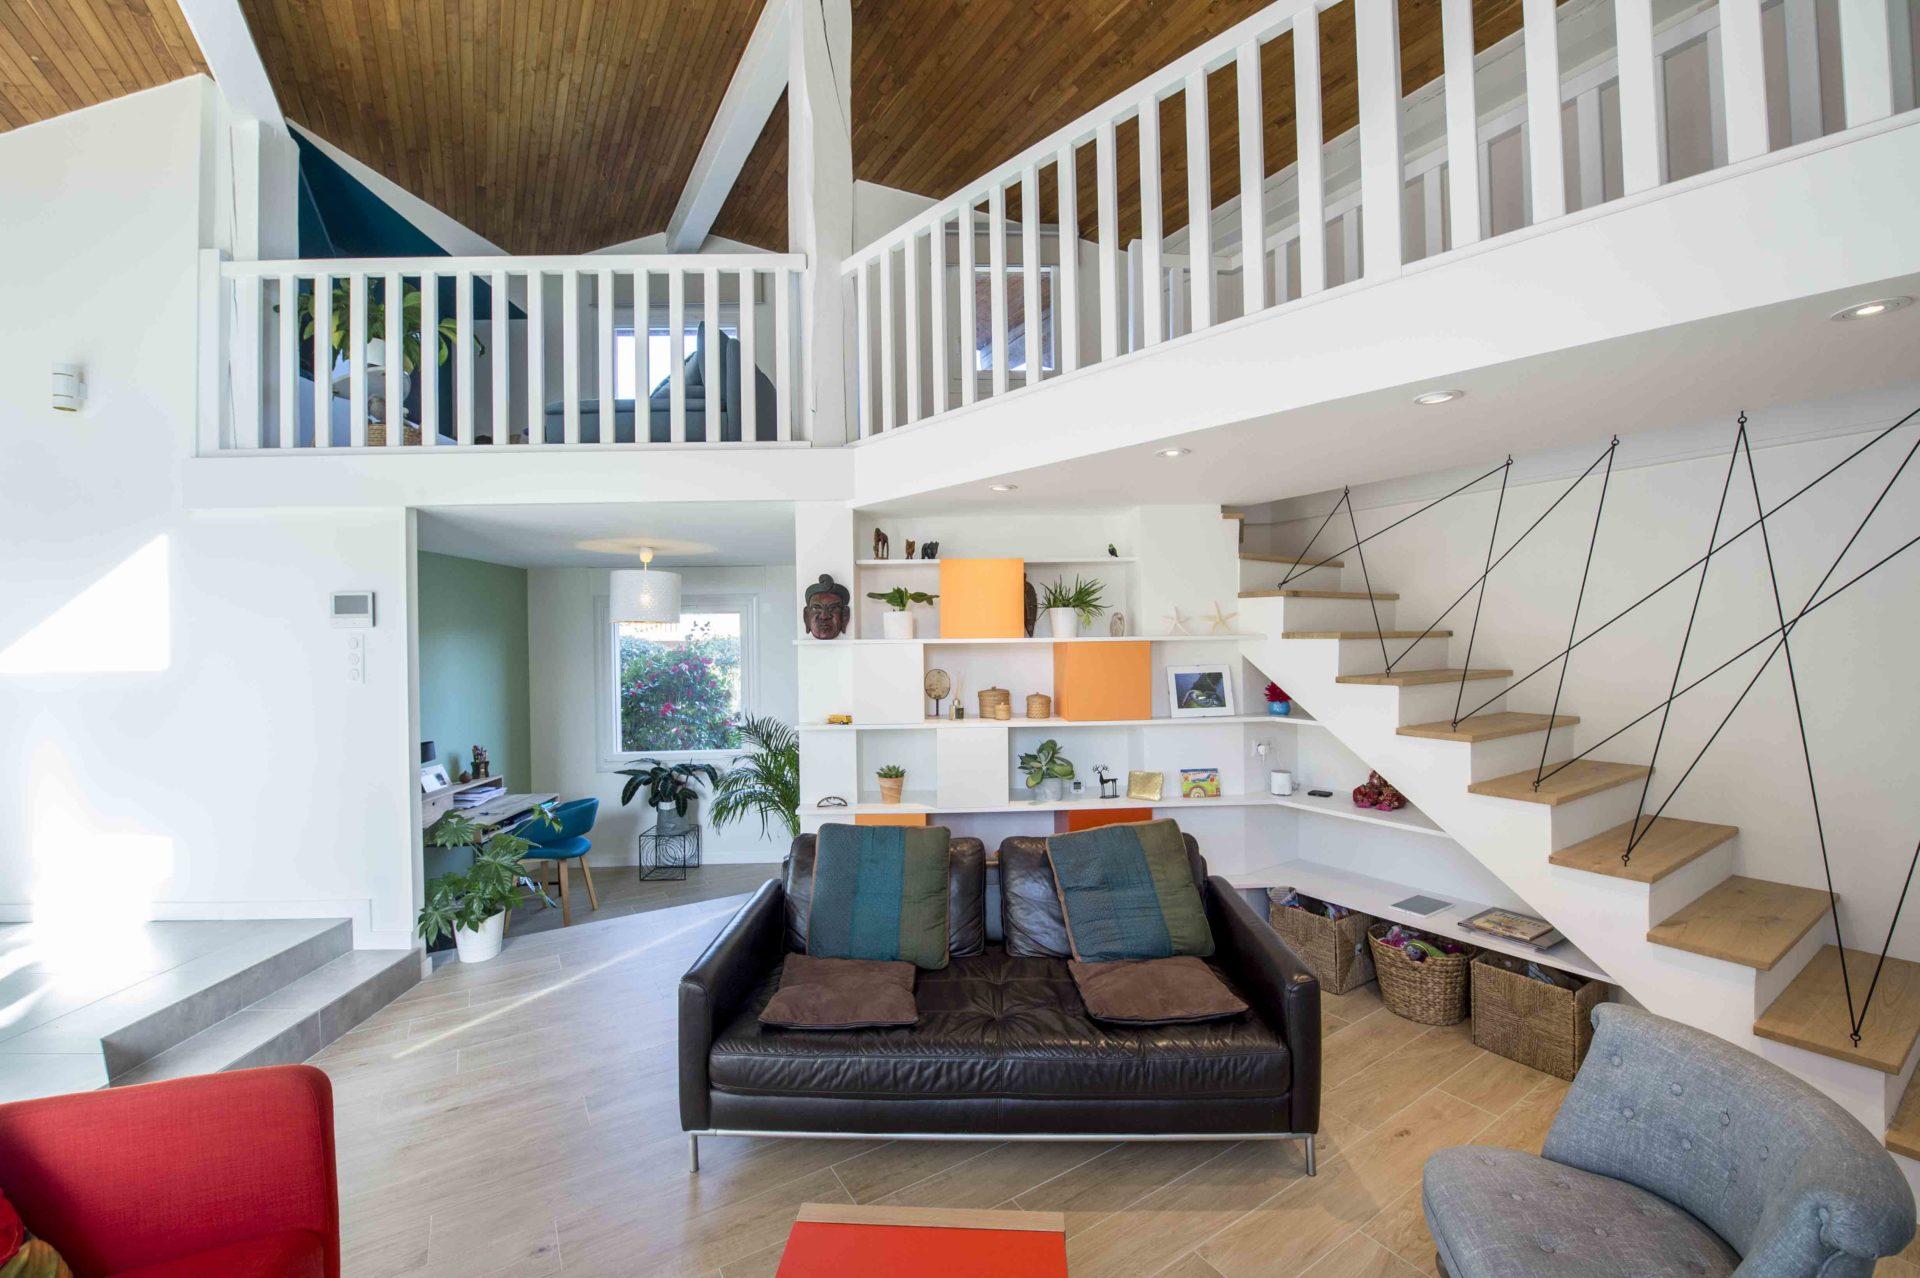 séjour design avec éclairage moderne